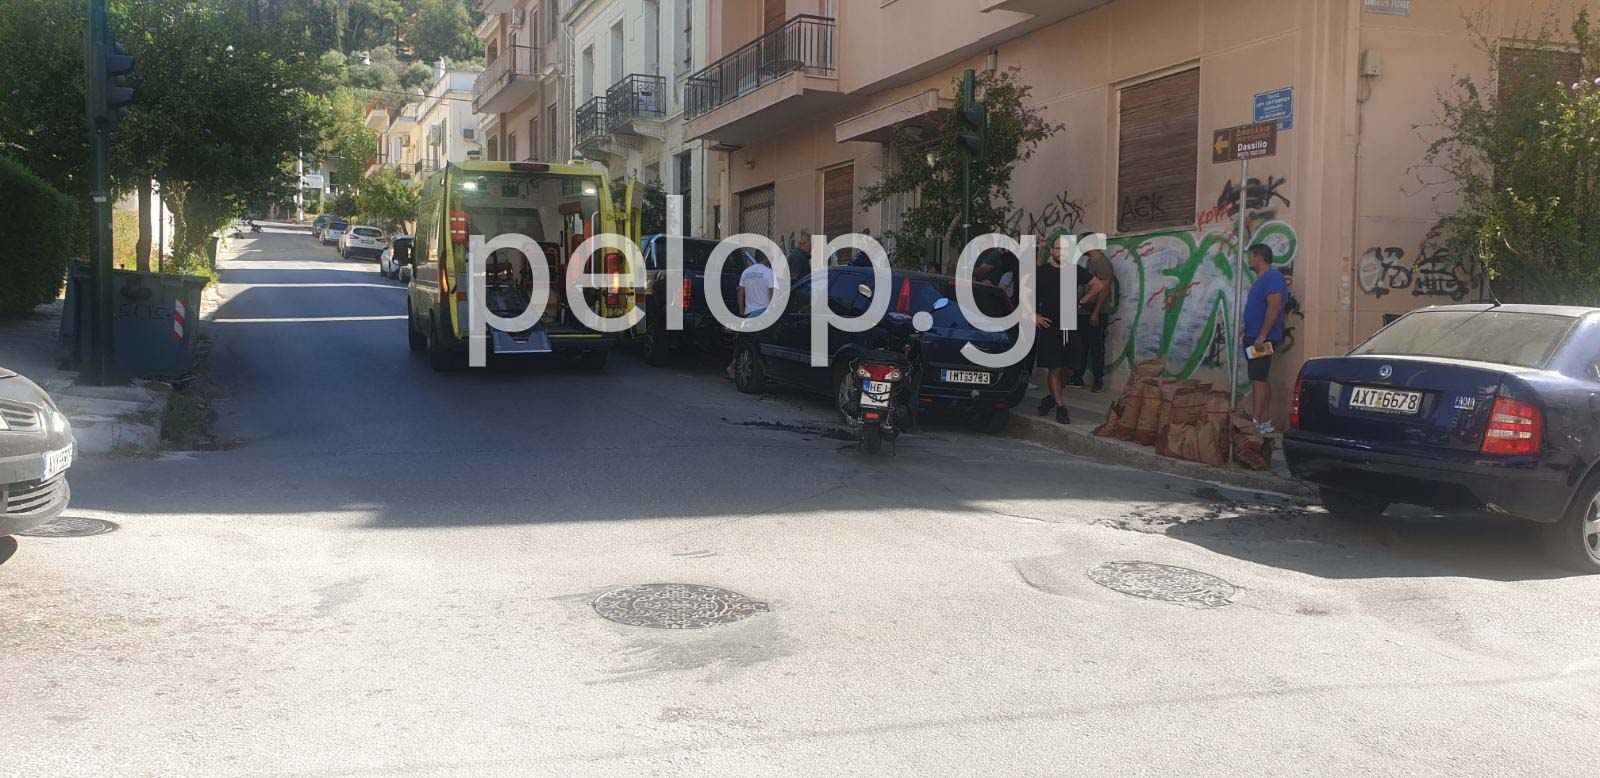 Πάτρα: Τροχαίο στην Καρόλου - Σημείο του αστικού οδικού δικτύου, το οποίο τείνει να μετατραπεί σε «καρμανιόλα»